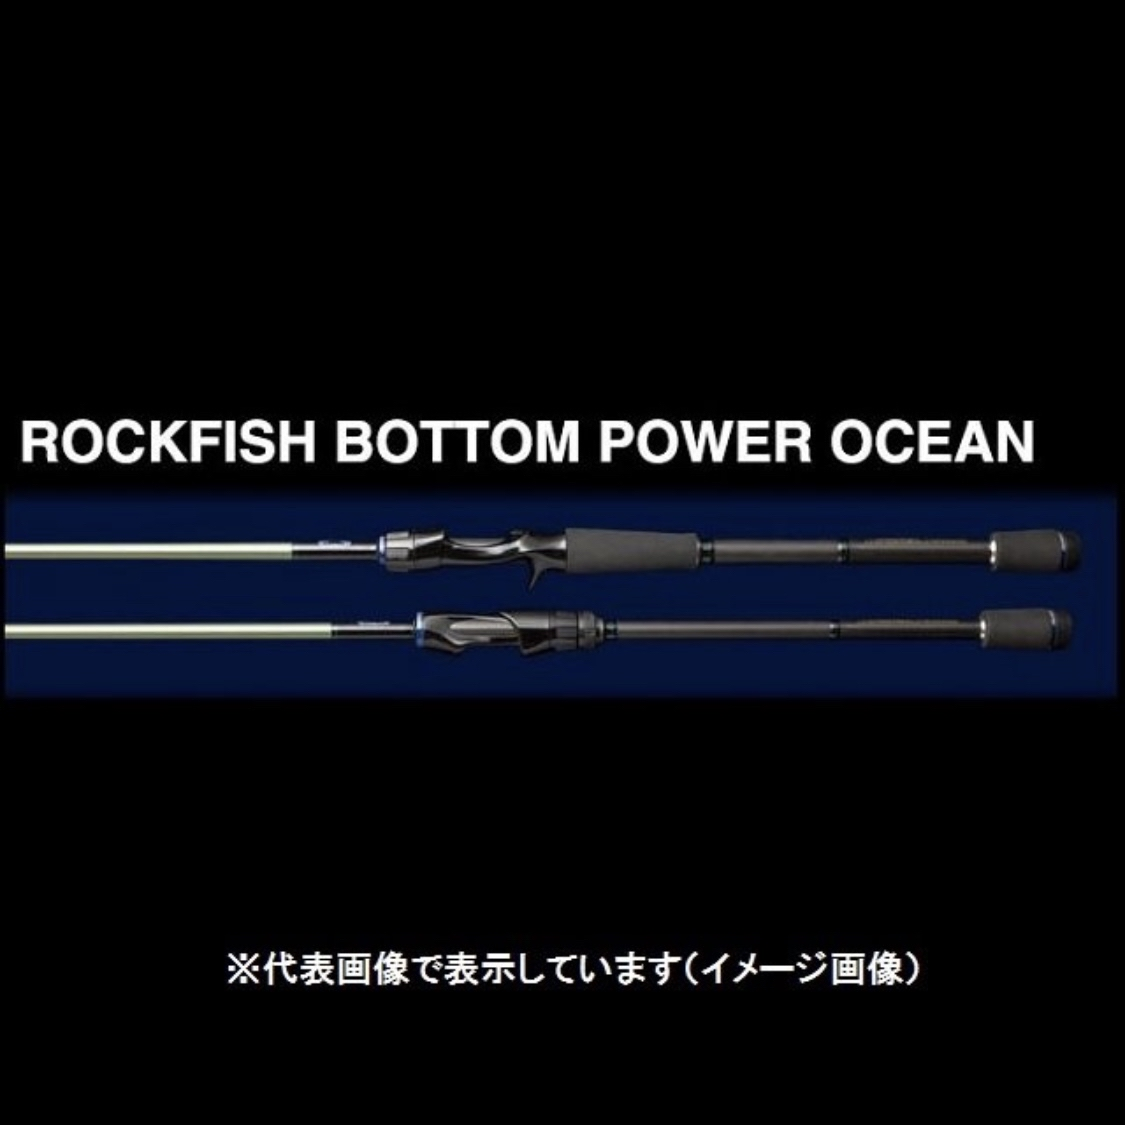 ノリーズオーシャン ROCKFISH BOTTOM POWER OCEAN RPO710XHS2